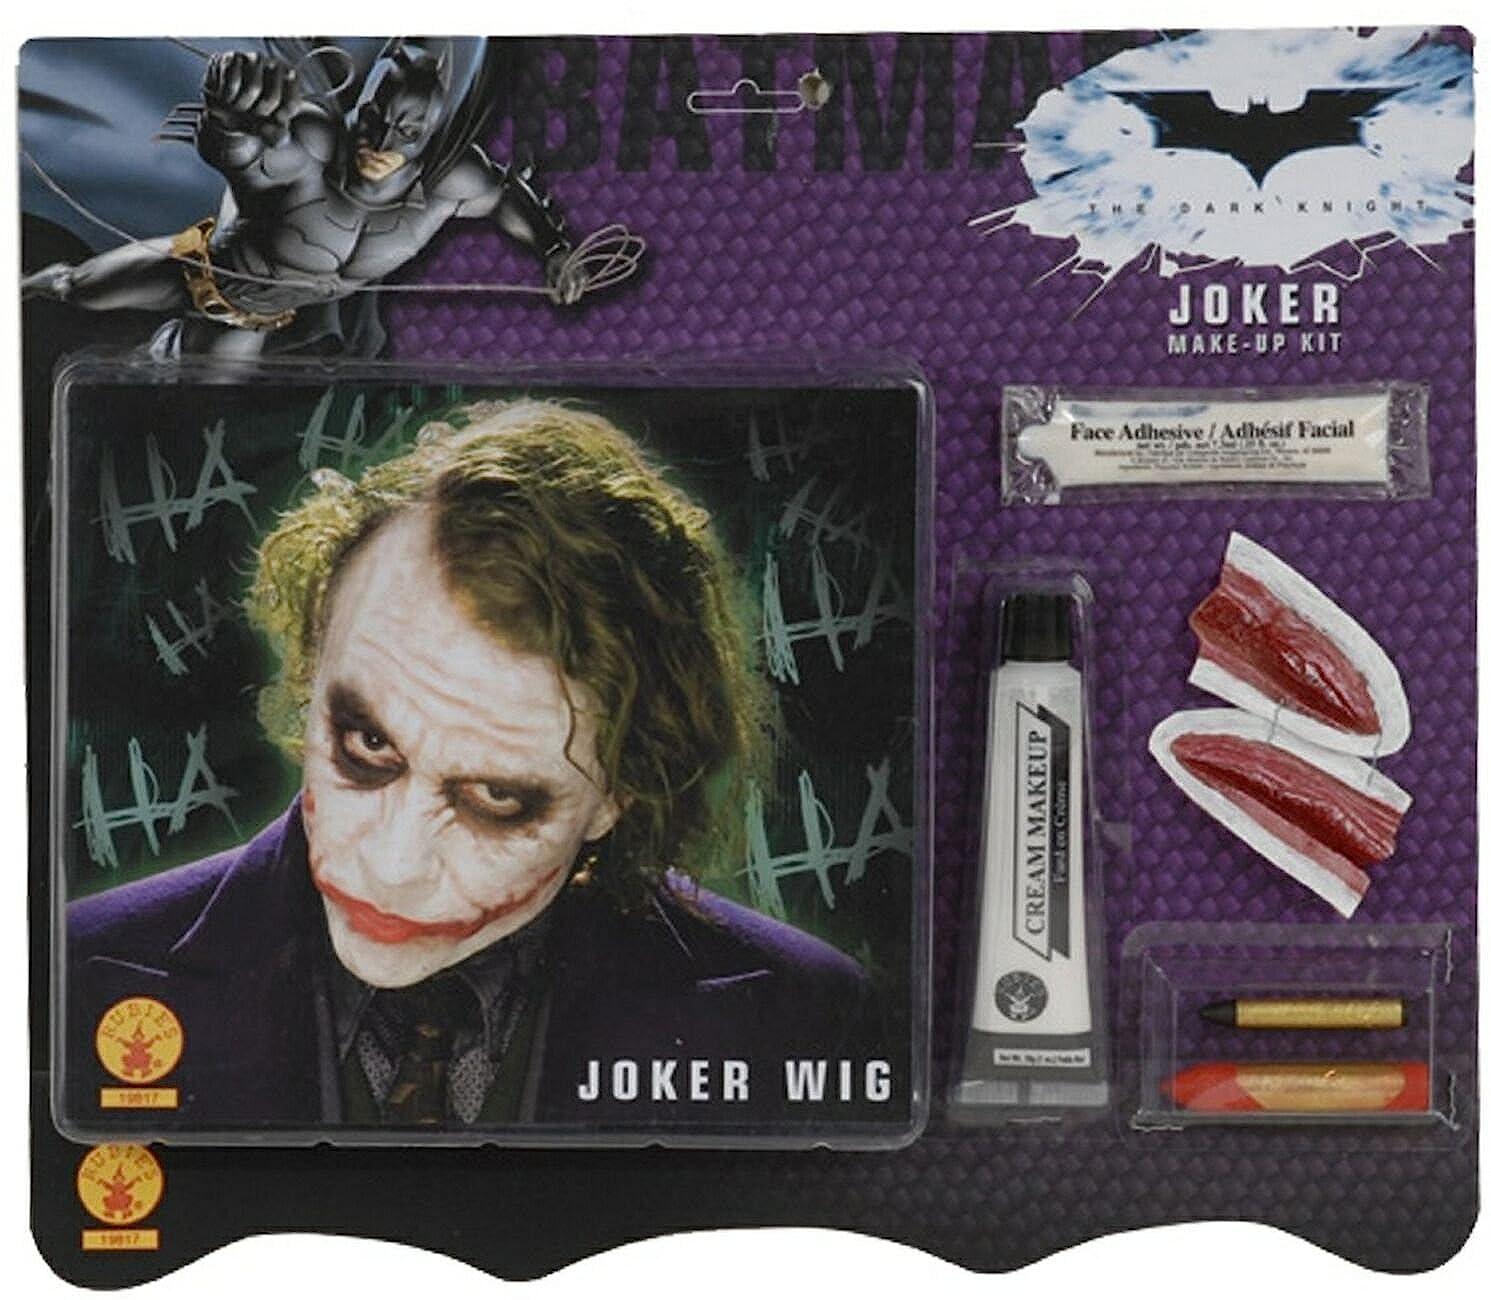 Joker Wig & Makeup Kit Rubies